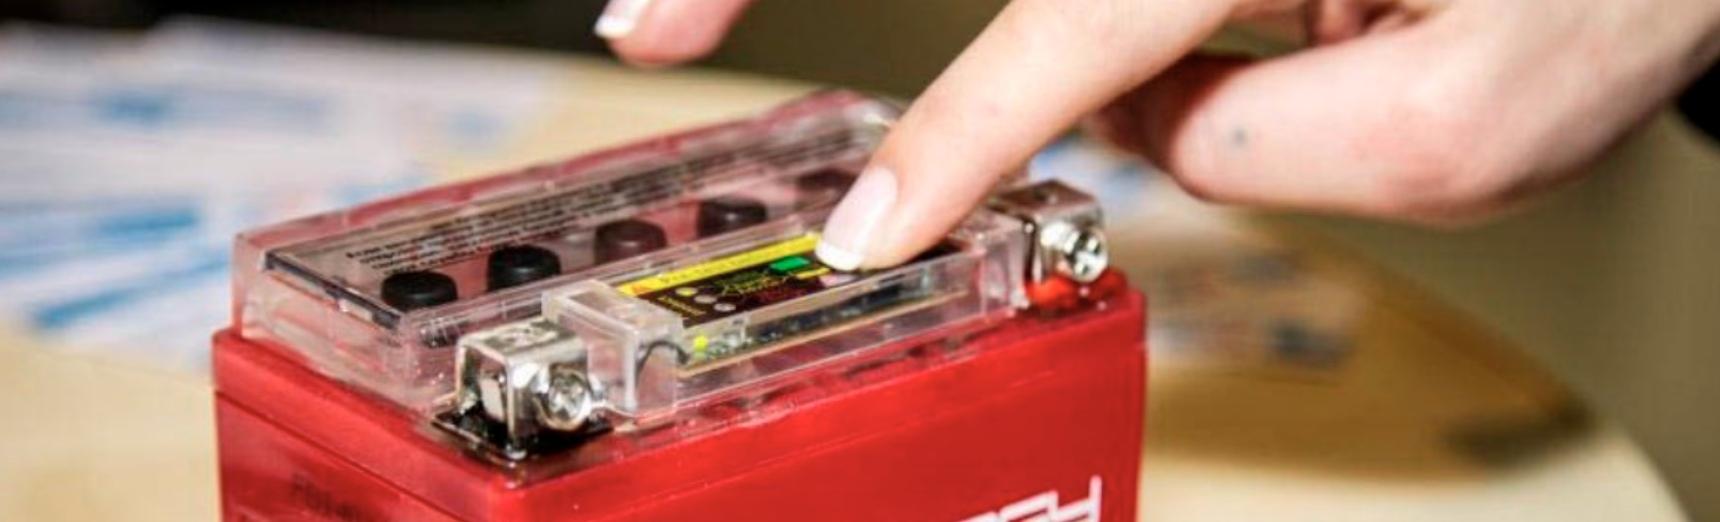 Варианты зарядных для мото аккумуляторов